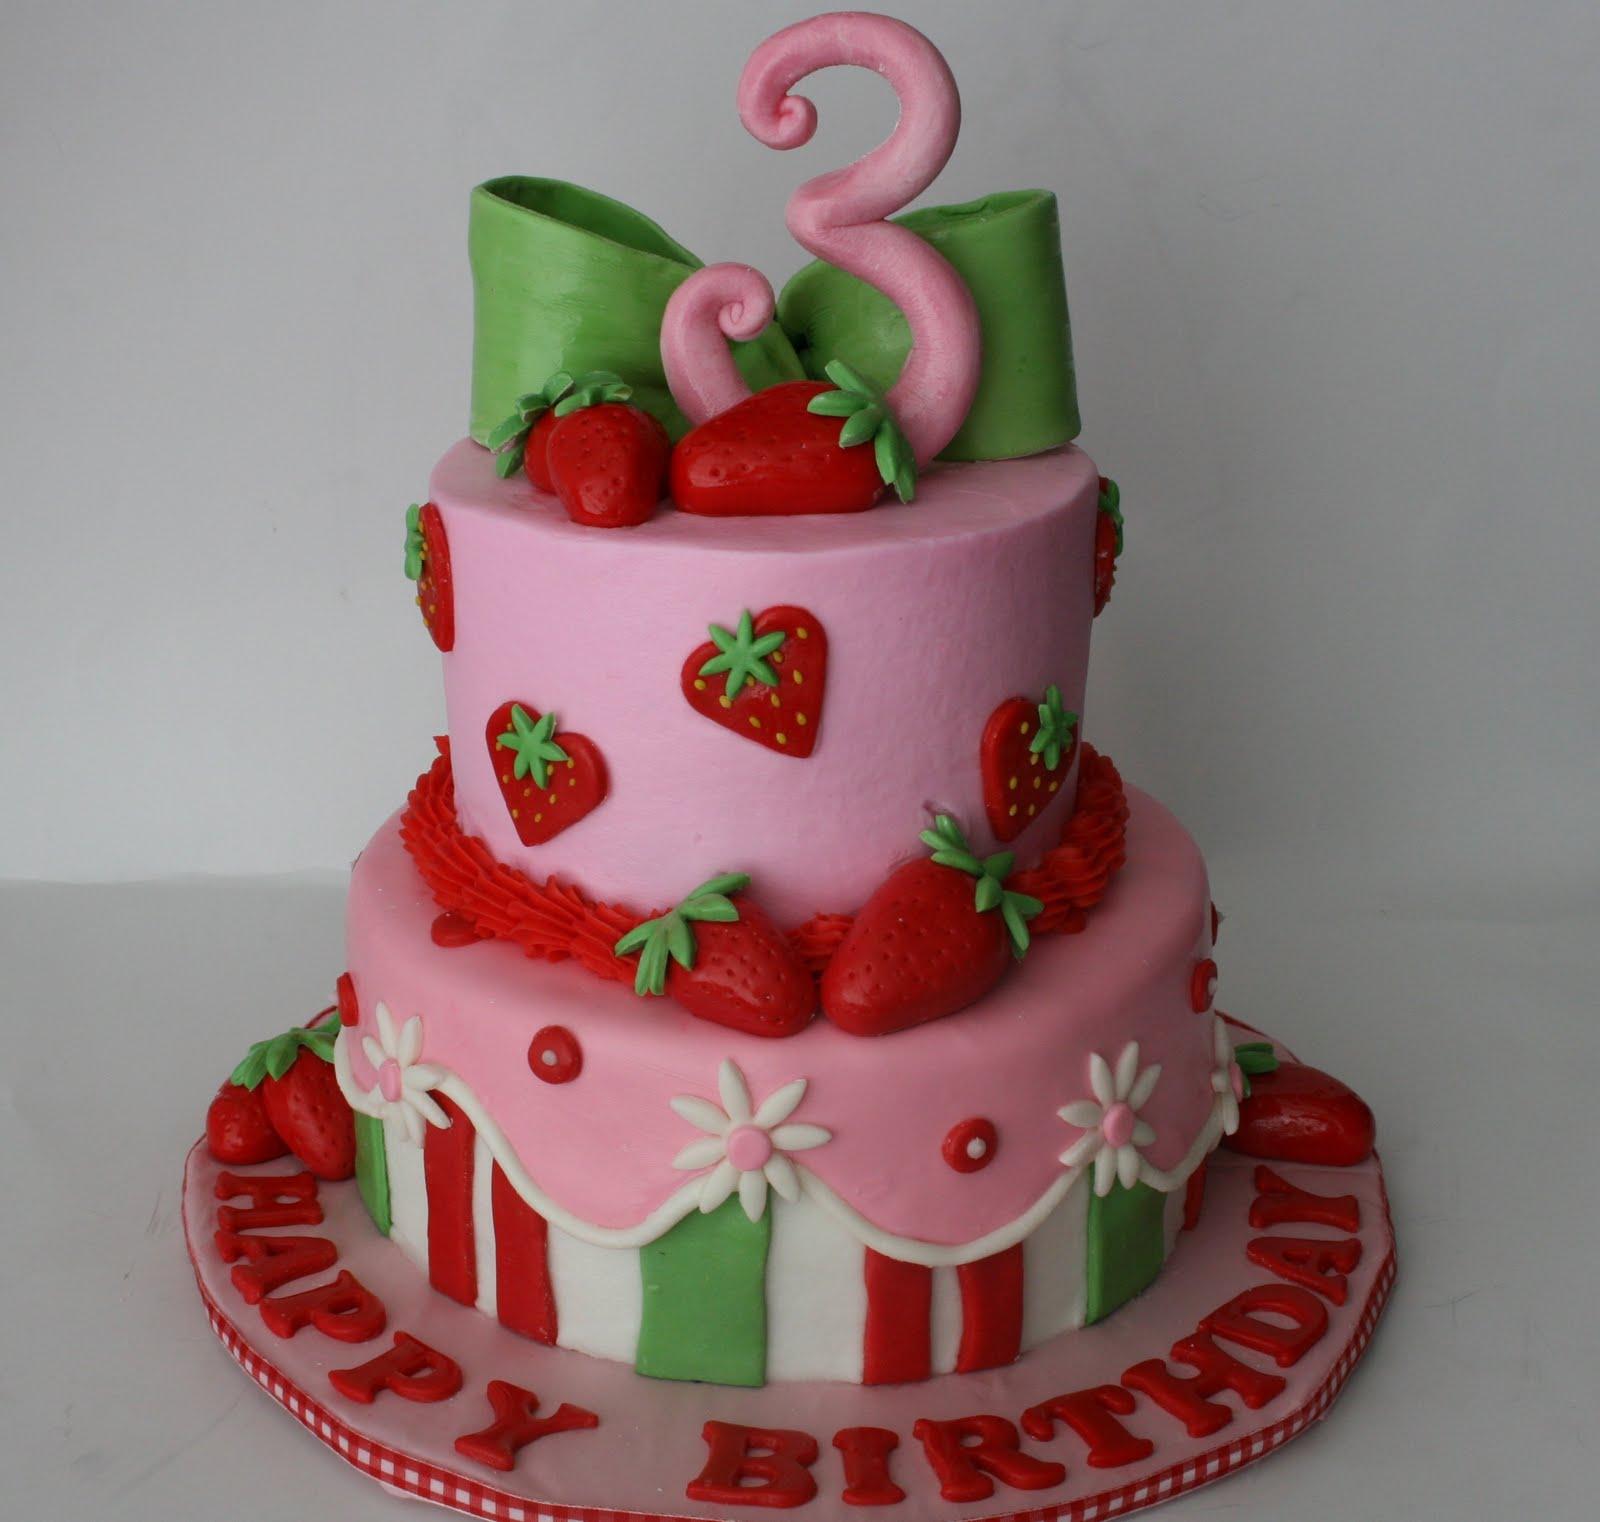 And Everything Sweet Strawberry Shortcake